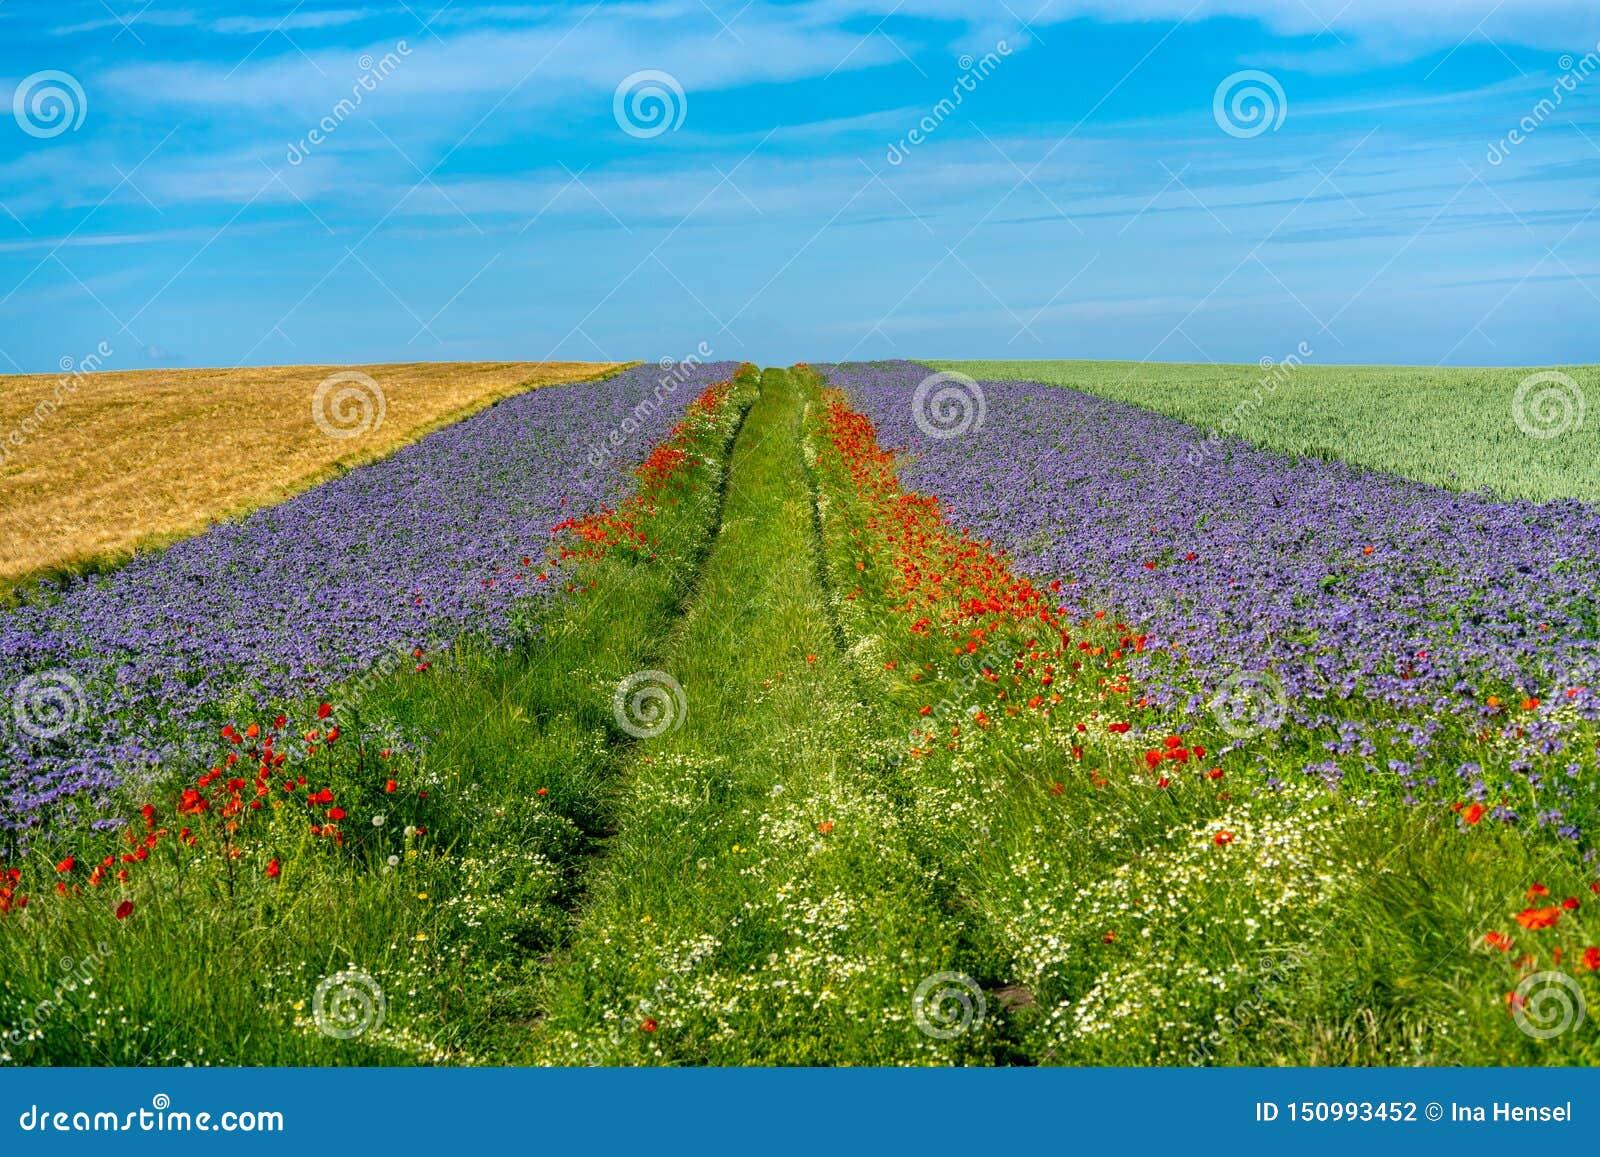 Campos de grão cênicos com beiras de flores azuis e vermelhas